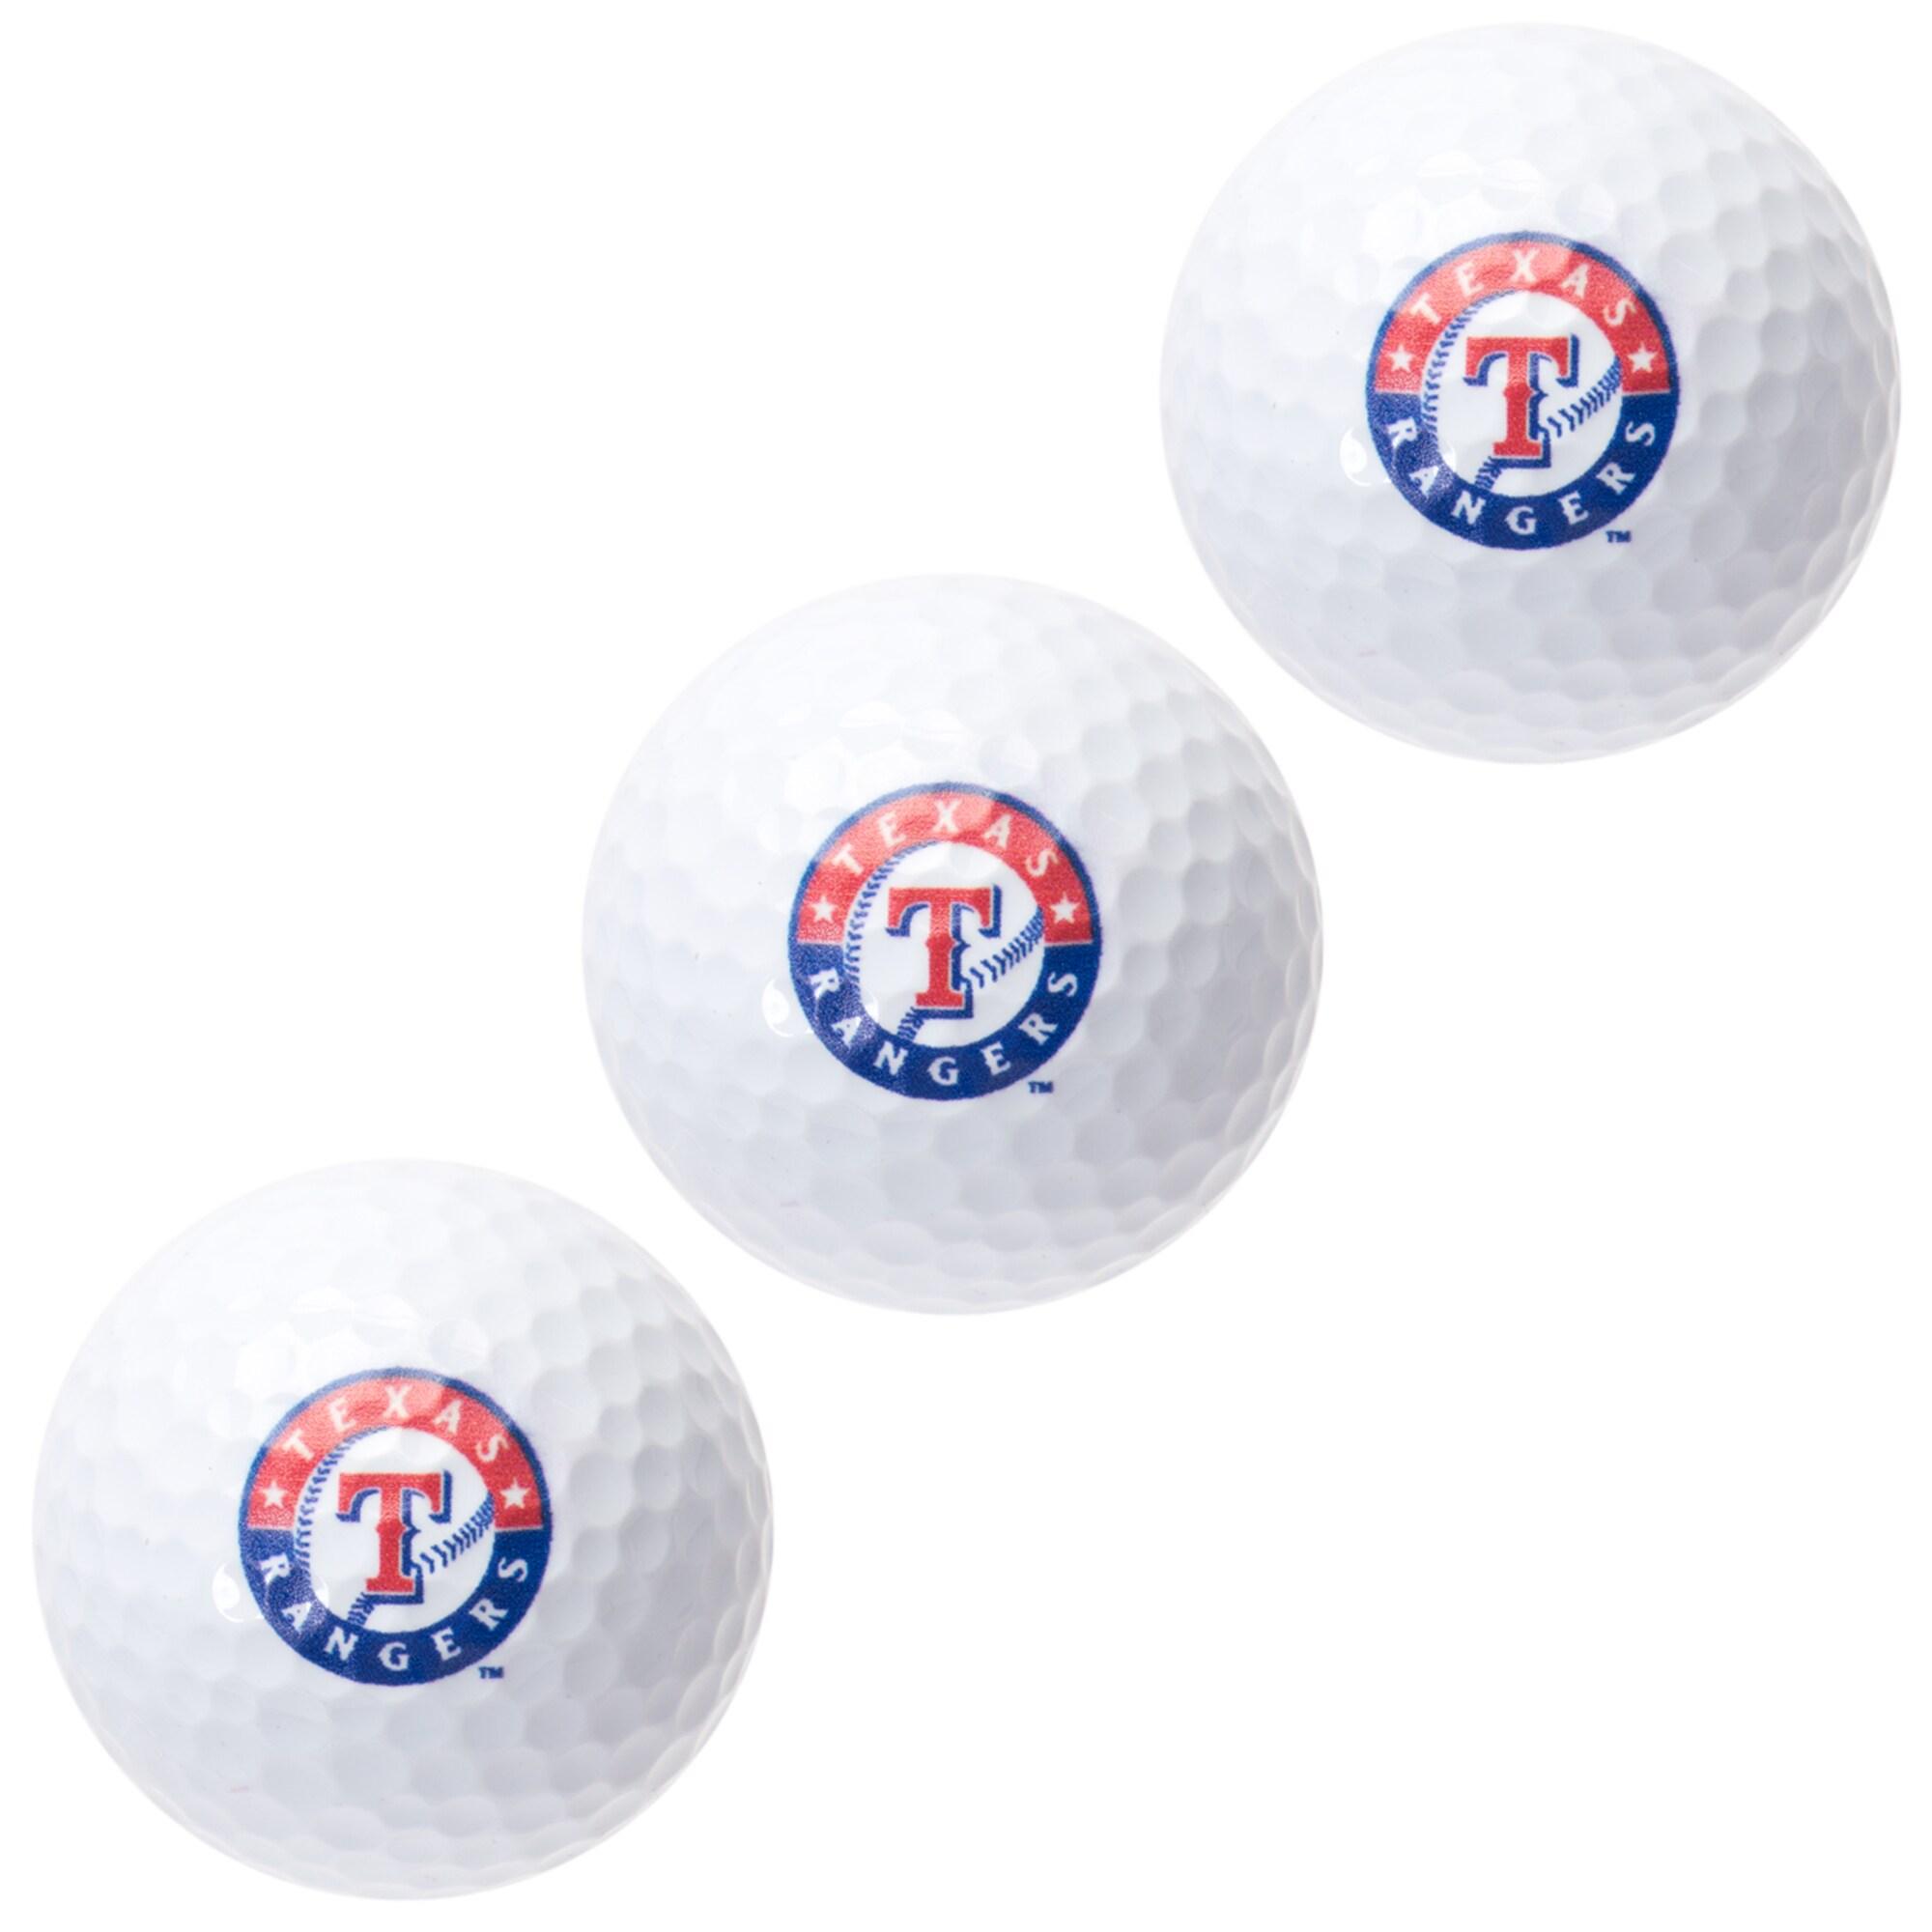 Texas Rangers Pack of 3 Golf Balls